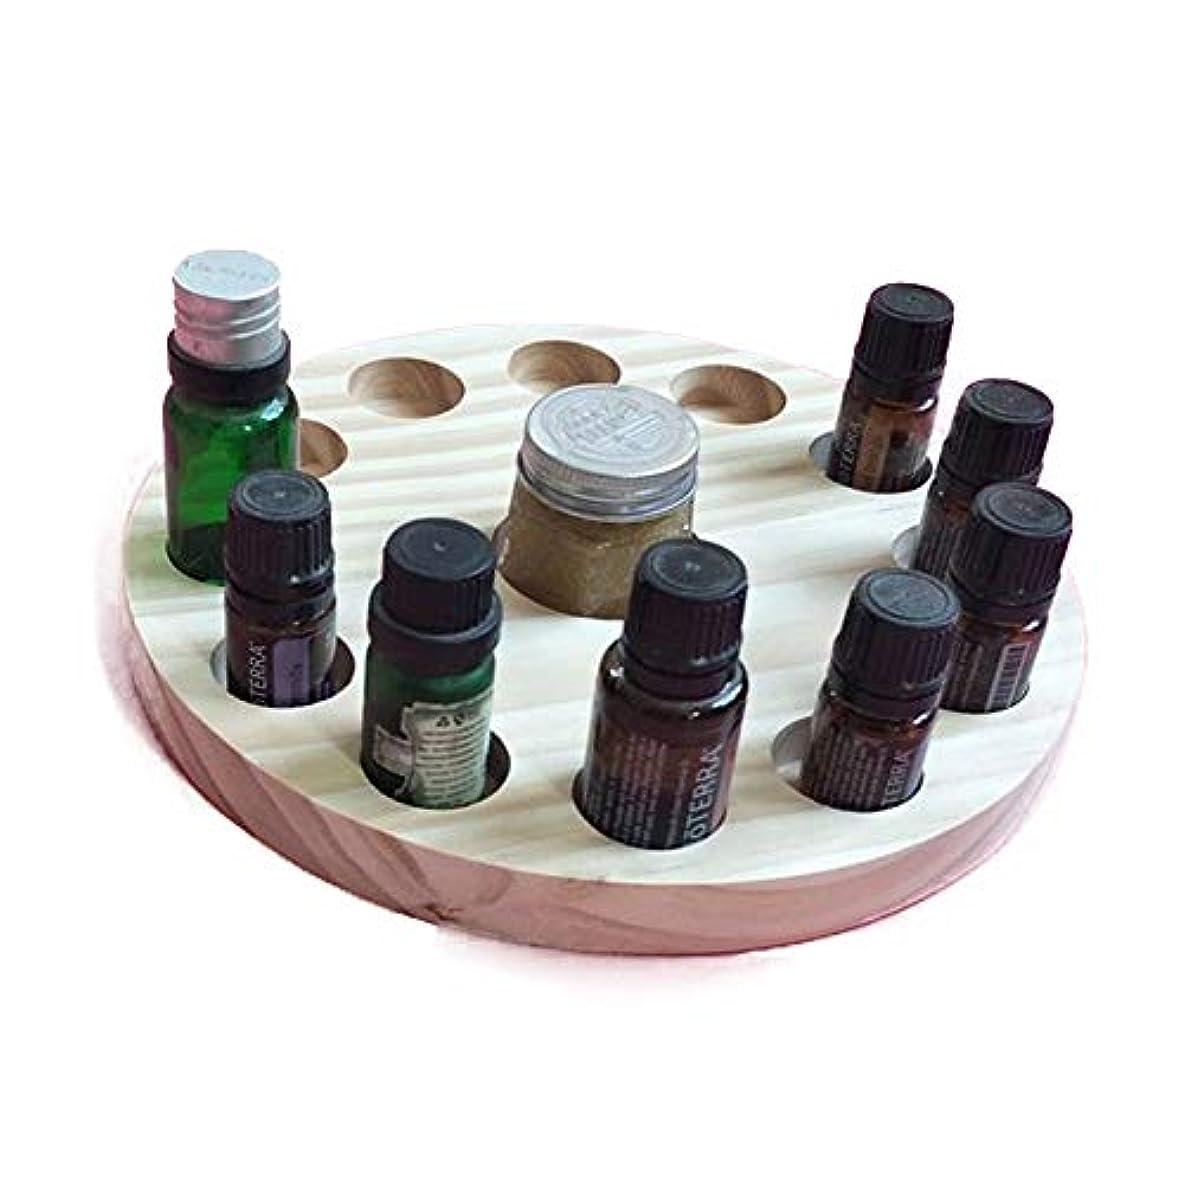 ブランドスクリューつぼみエッセンシャルオイルストレージボックス 木製の13スロットエッセンシャルオイルストレージホルダーは12本の10mlの油のボトルを保持します 旅行およびプレゼンテーション用 (色 : Natural, サイズ : Free...